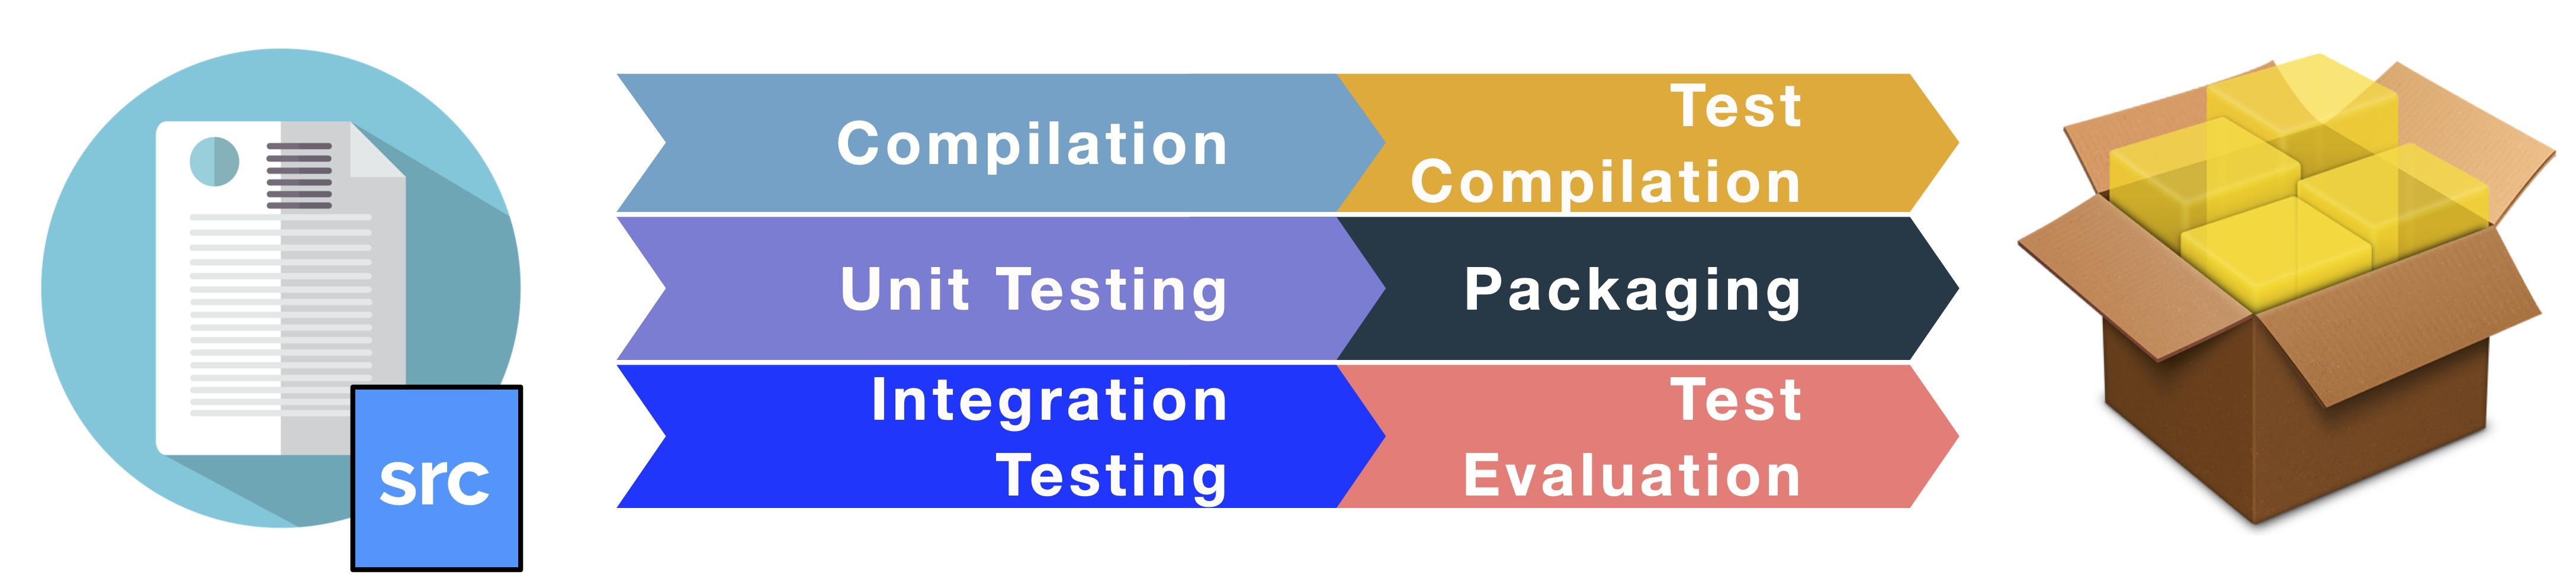 src/images/build-evaluation.png